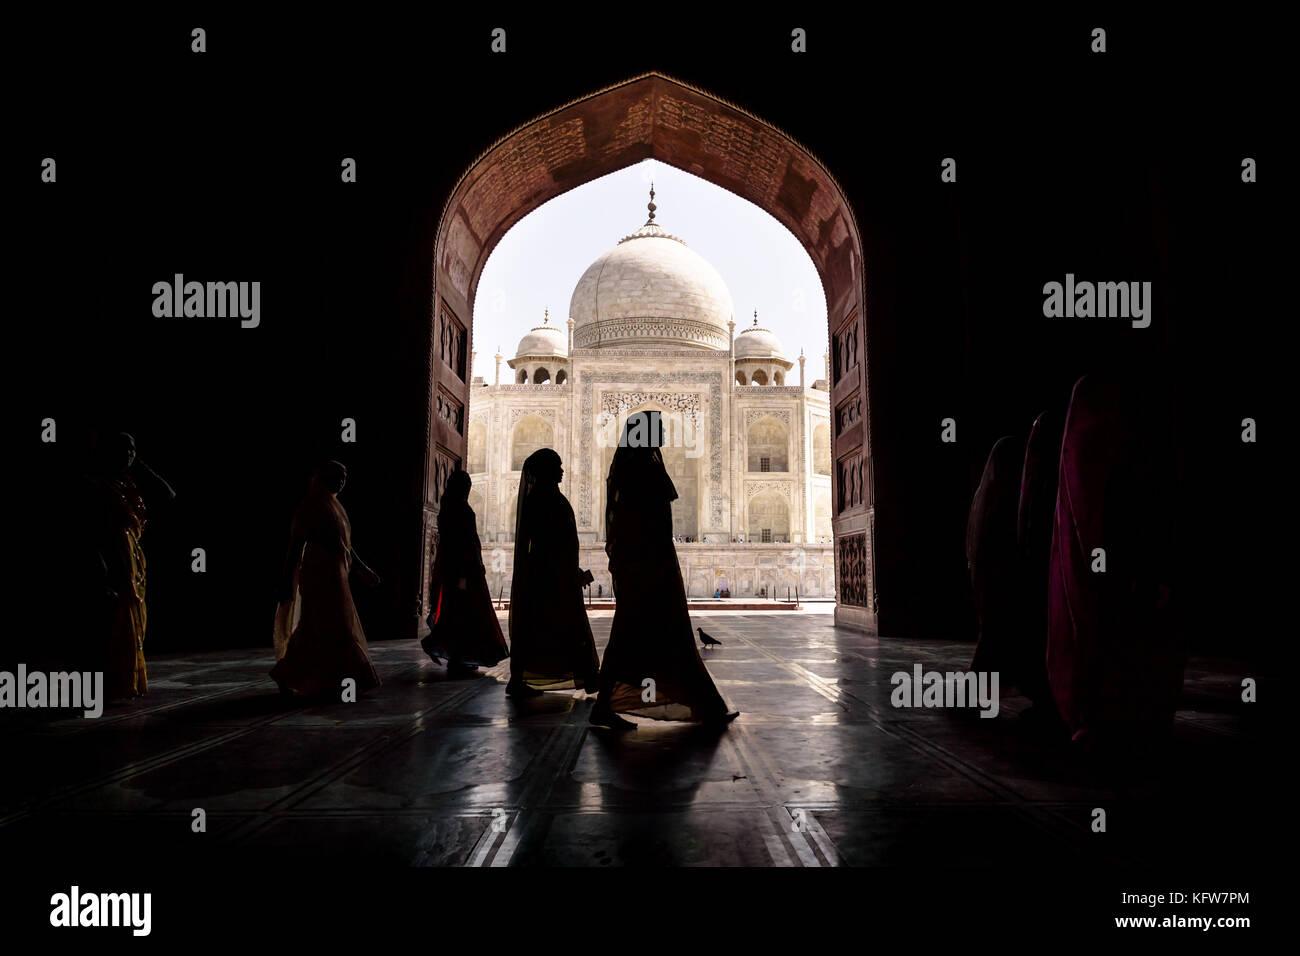 Argra, Taj Mahal, India - 3 marzo 2012: donne in sari tradizionale arco di passaggio in Taj Mahal di Agra, Uttar Immagini Stock